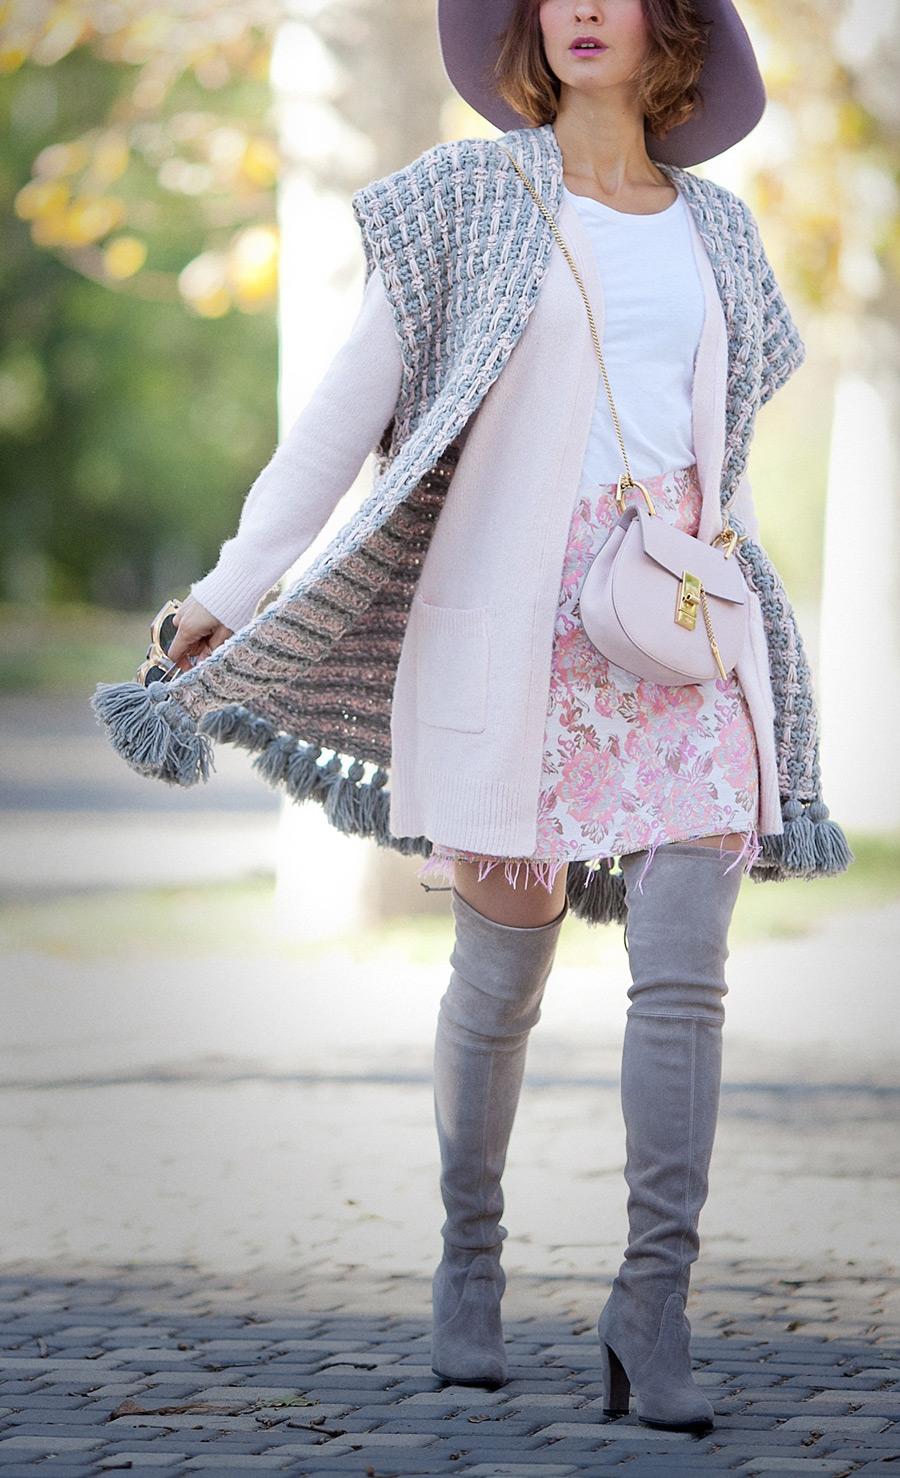 mini-skirt_autumn-outfits